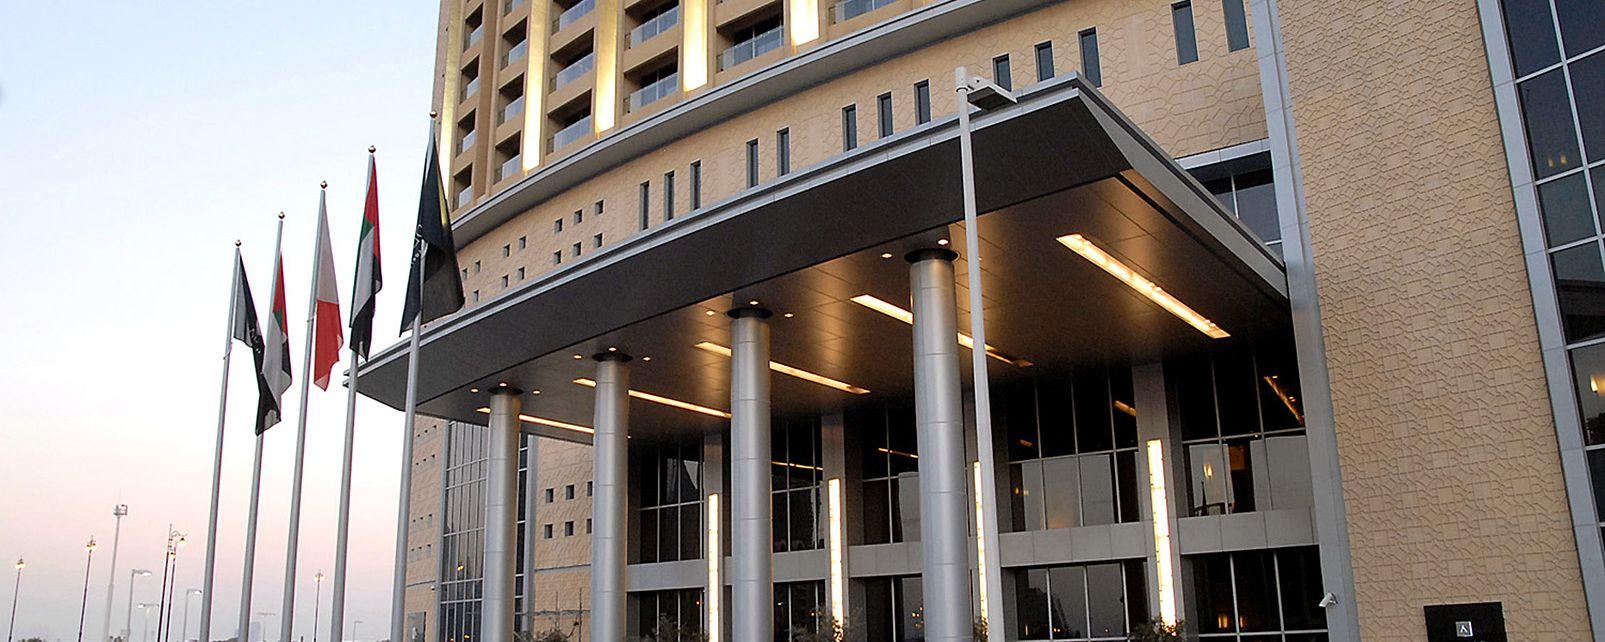 Casino address in dubai